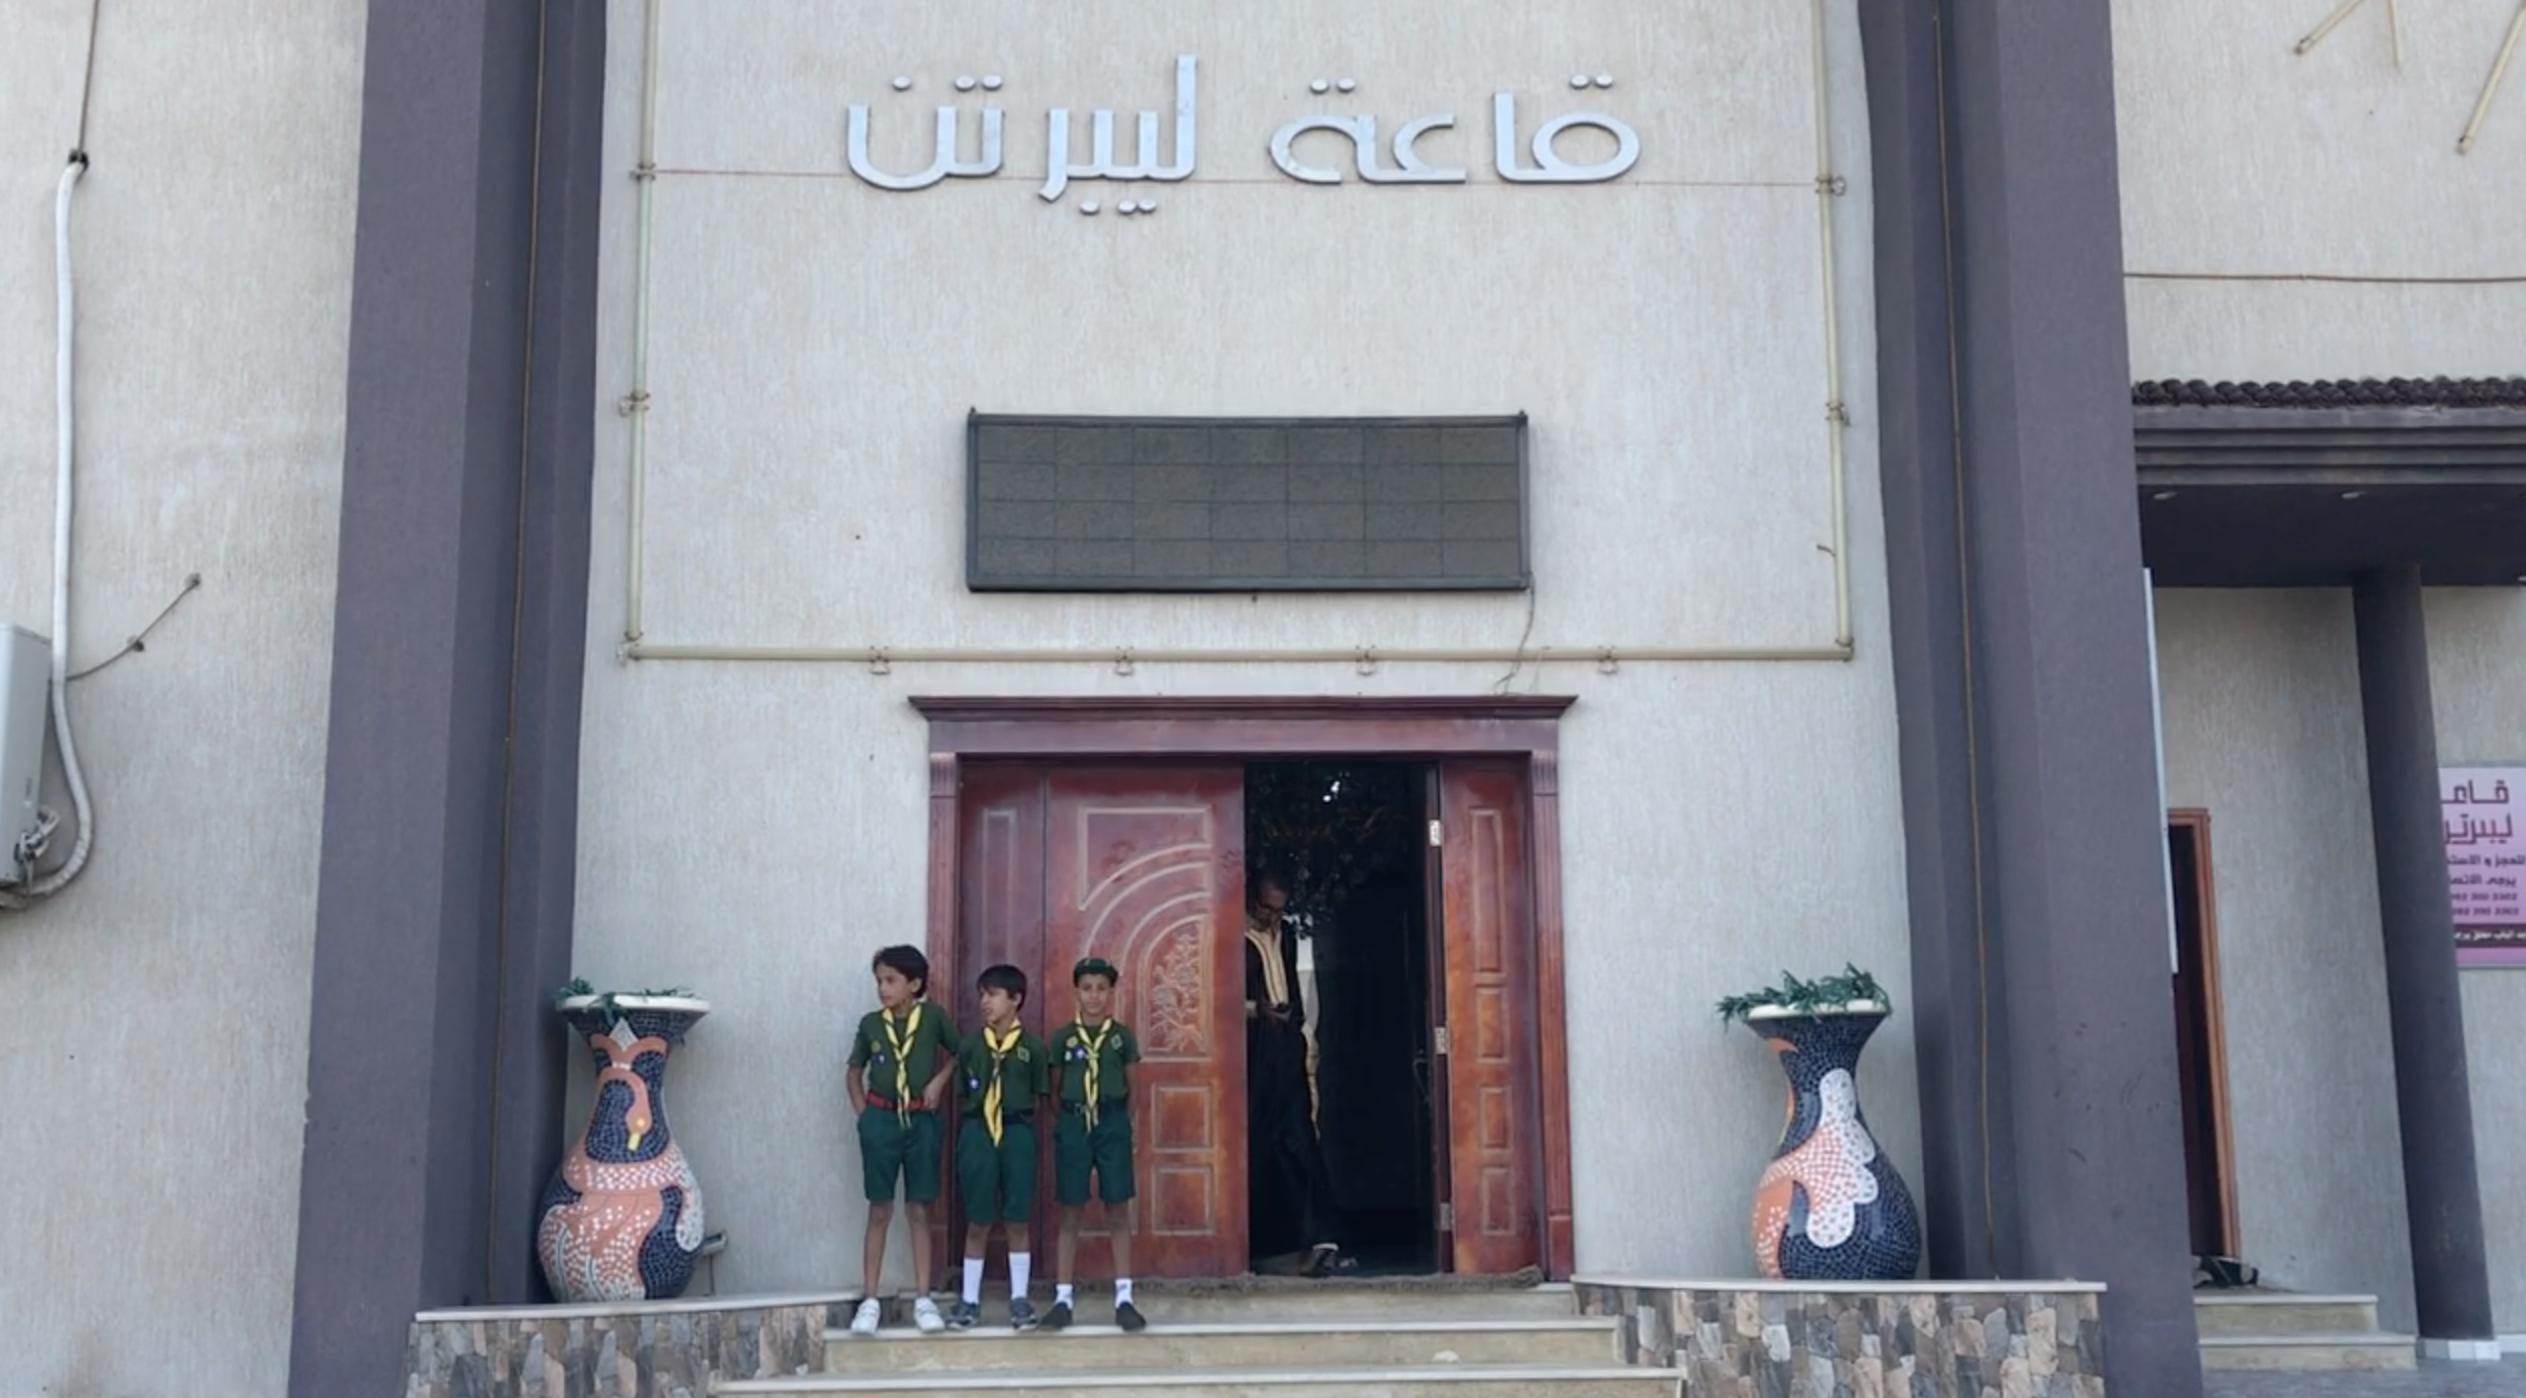 قاعة ليبرتن في مدينة صرمان